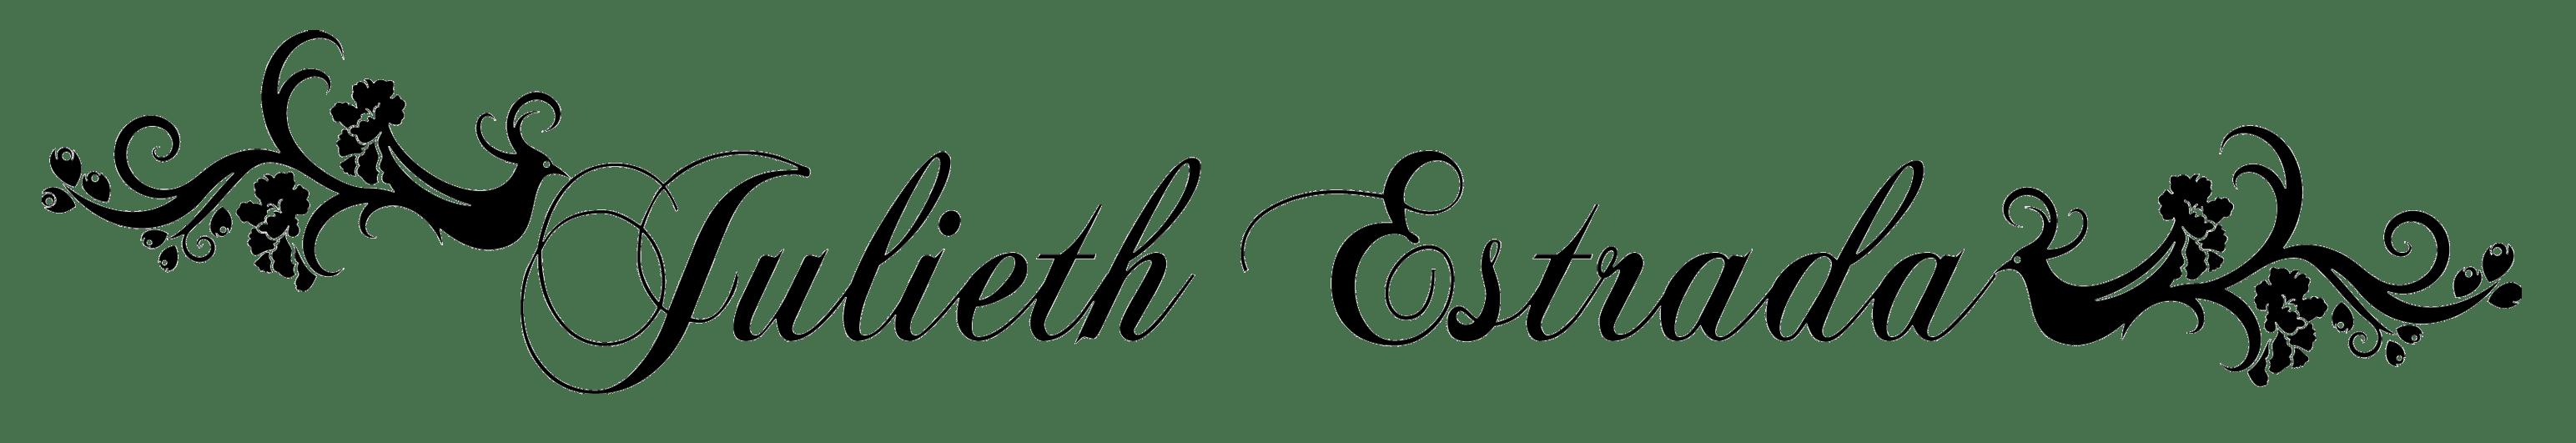 Archivos De Etiqueta: Diseñadora Julieth Estrada